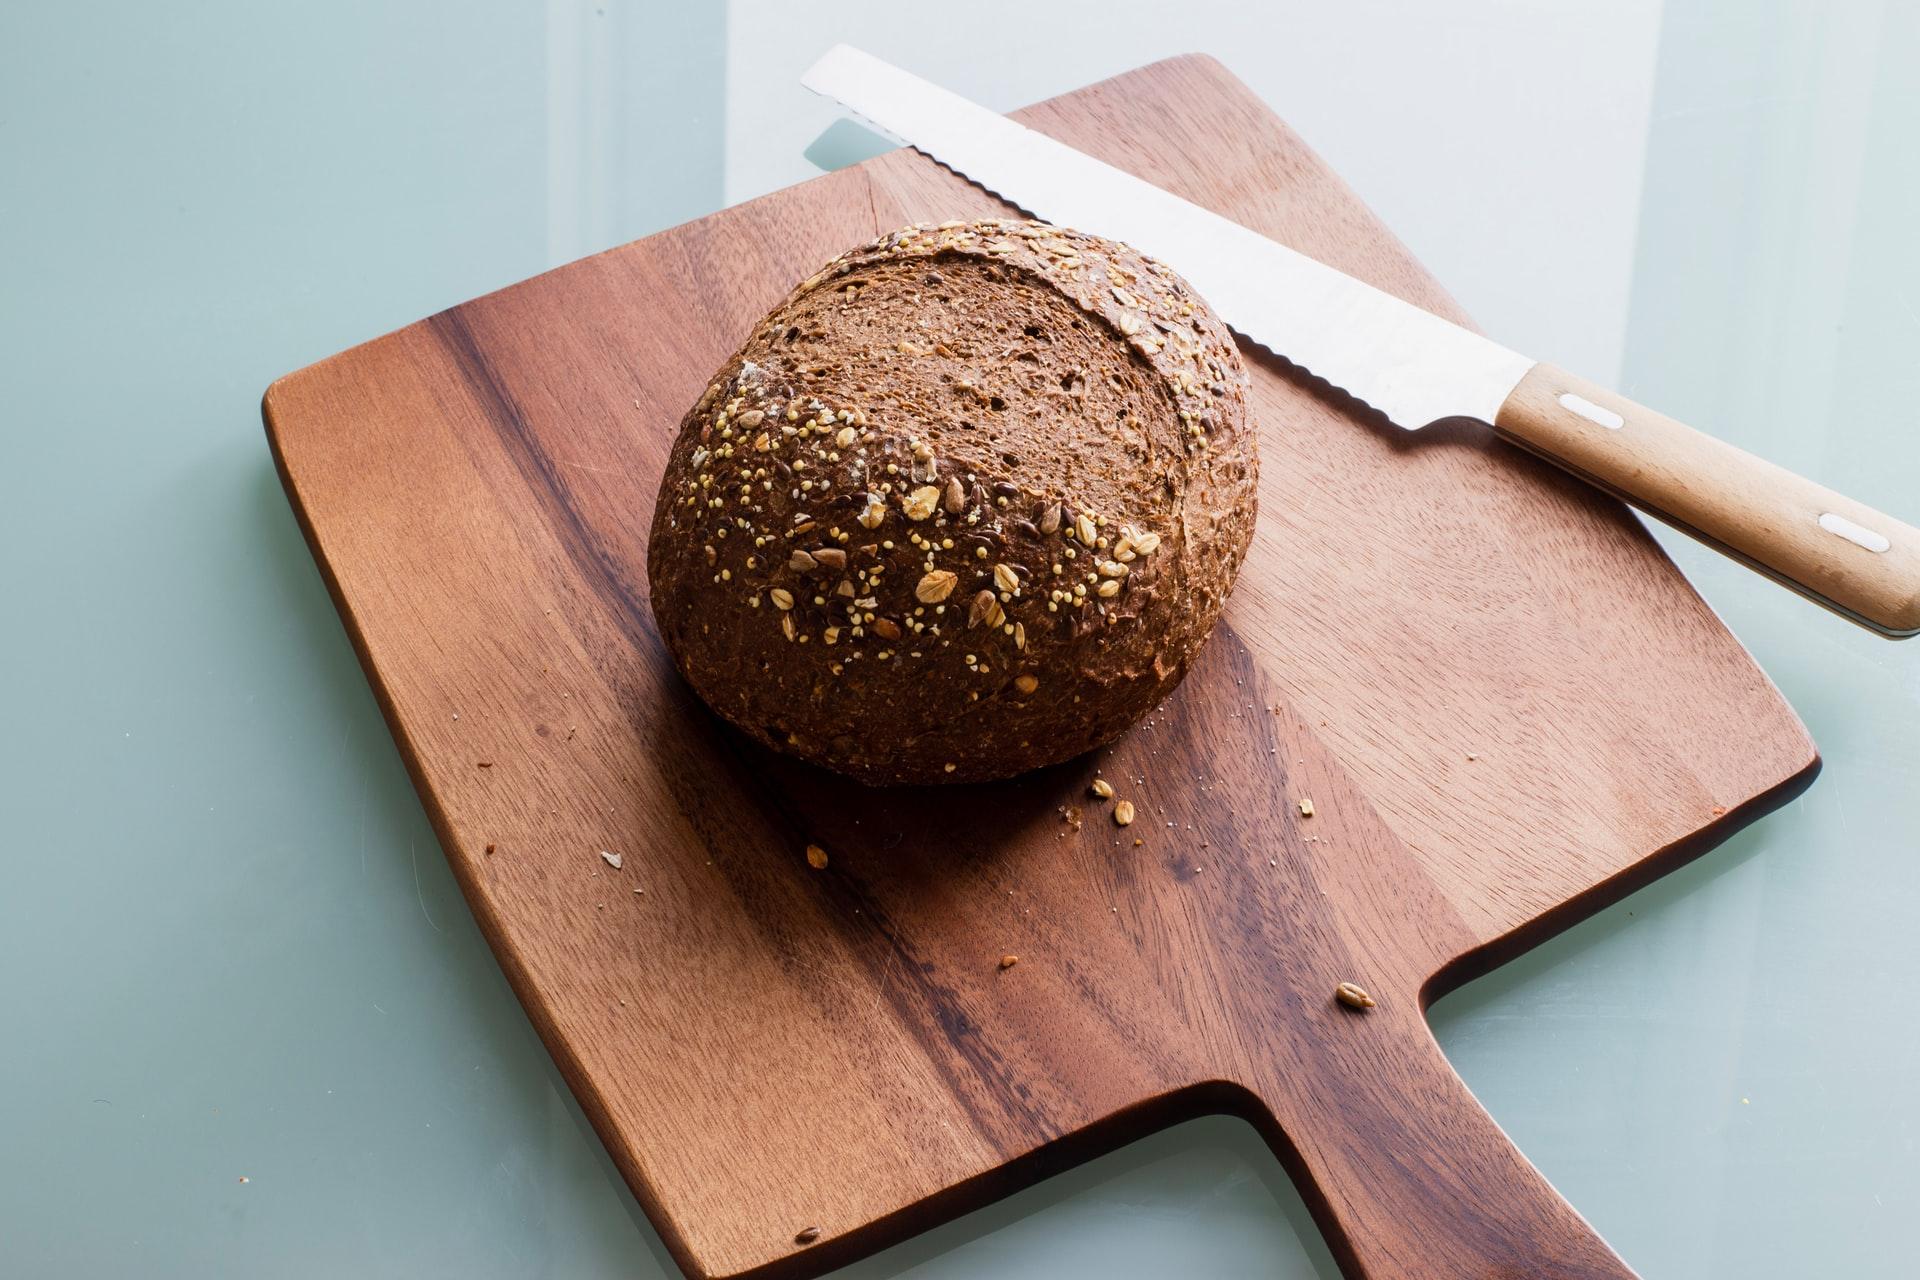 Leckeres Brot und hochwertige Brotmesser passen perfekt zusammen